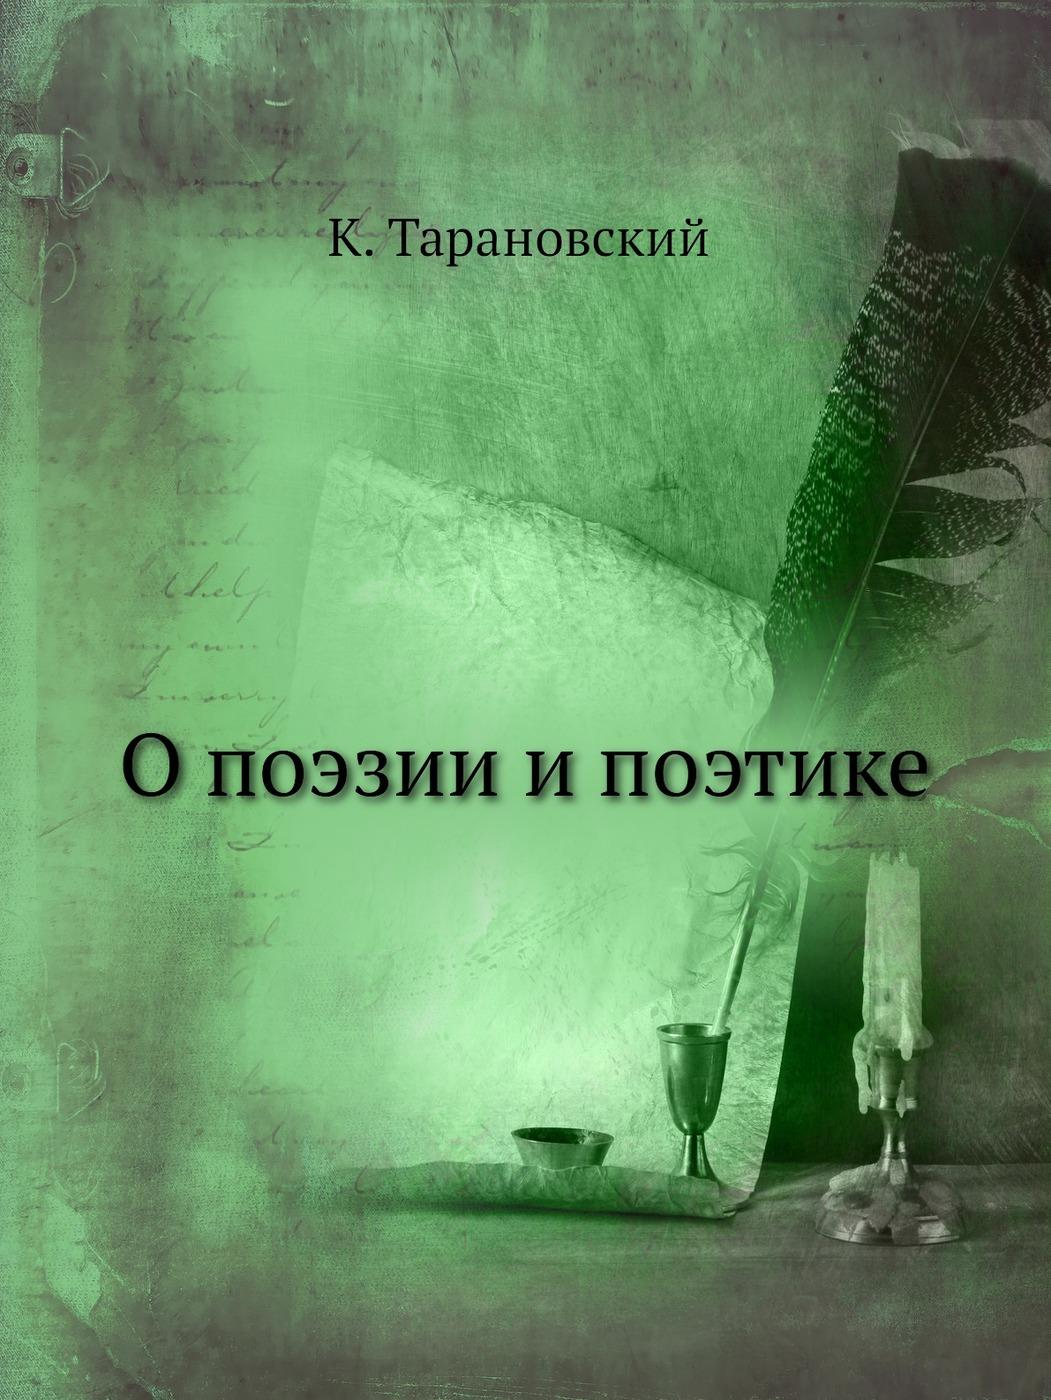 К. Тарановский О поэзии и поэтике